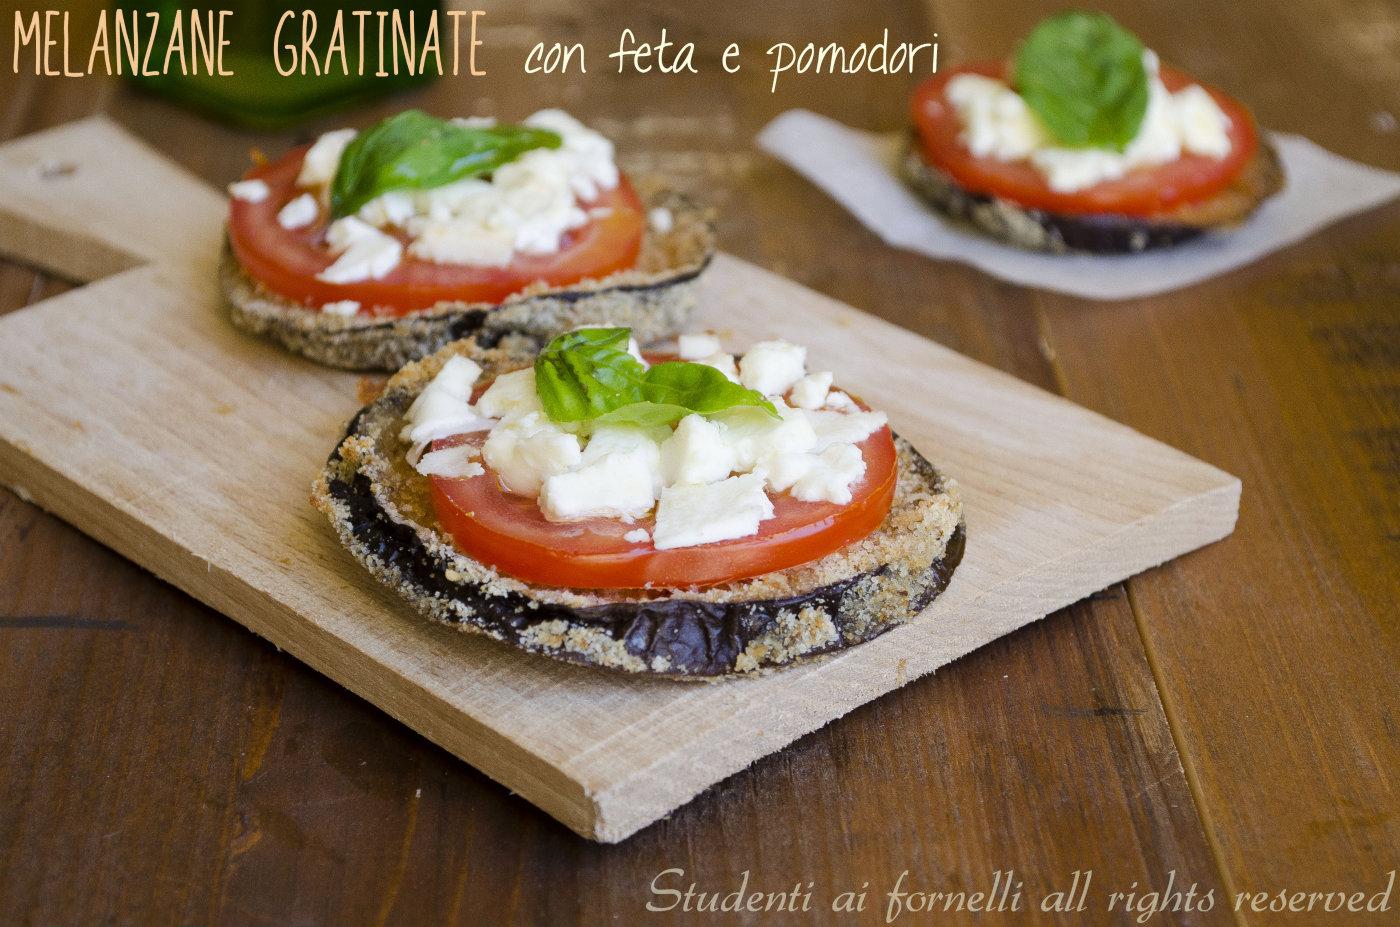 Melanzane gratinate con feta e pomodori ricetta sfiziosa for Cucinare vegetariano